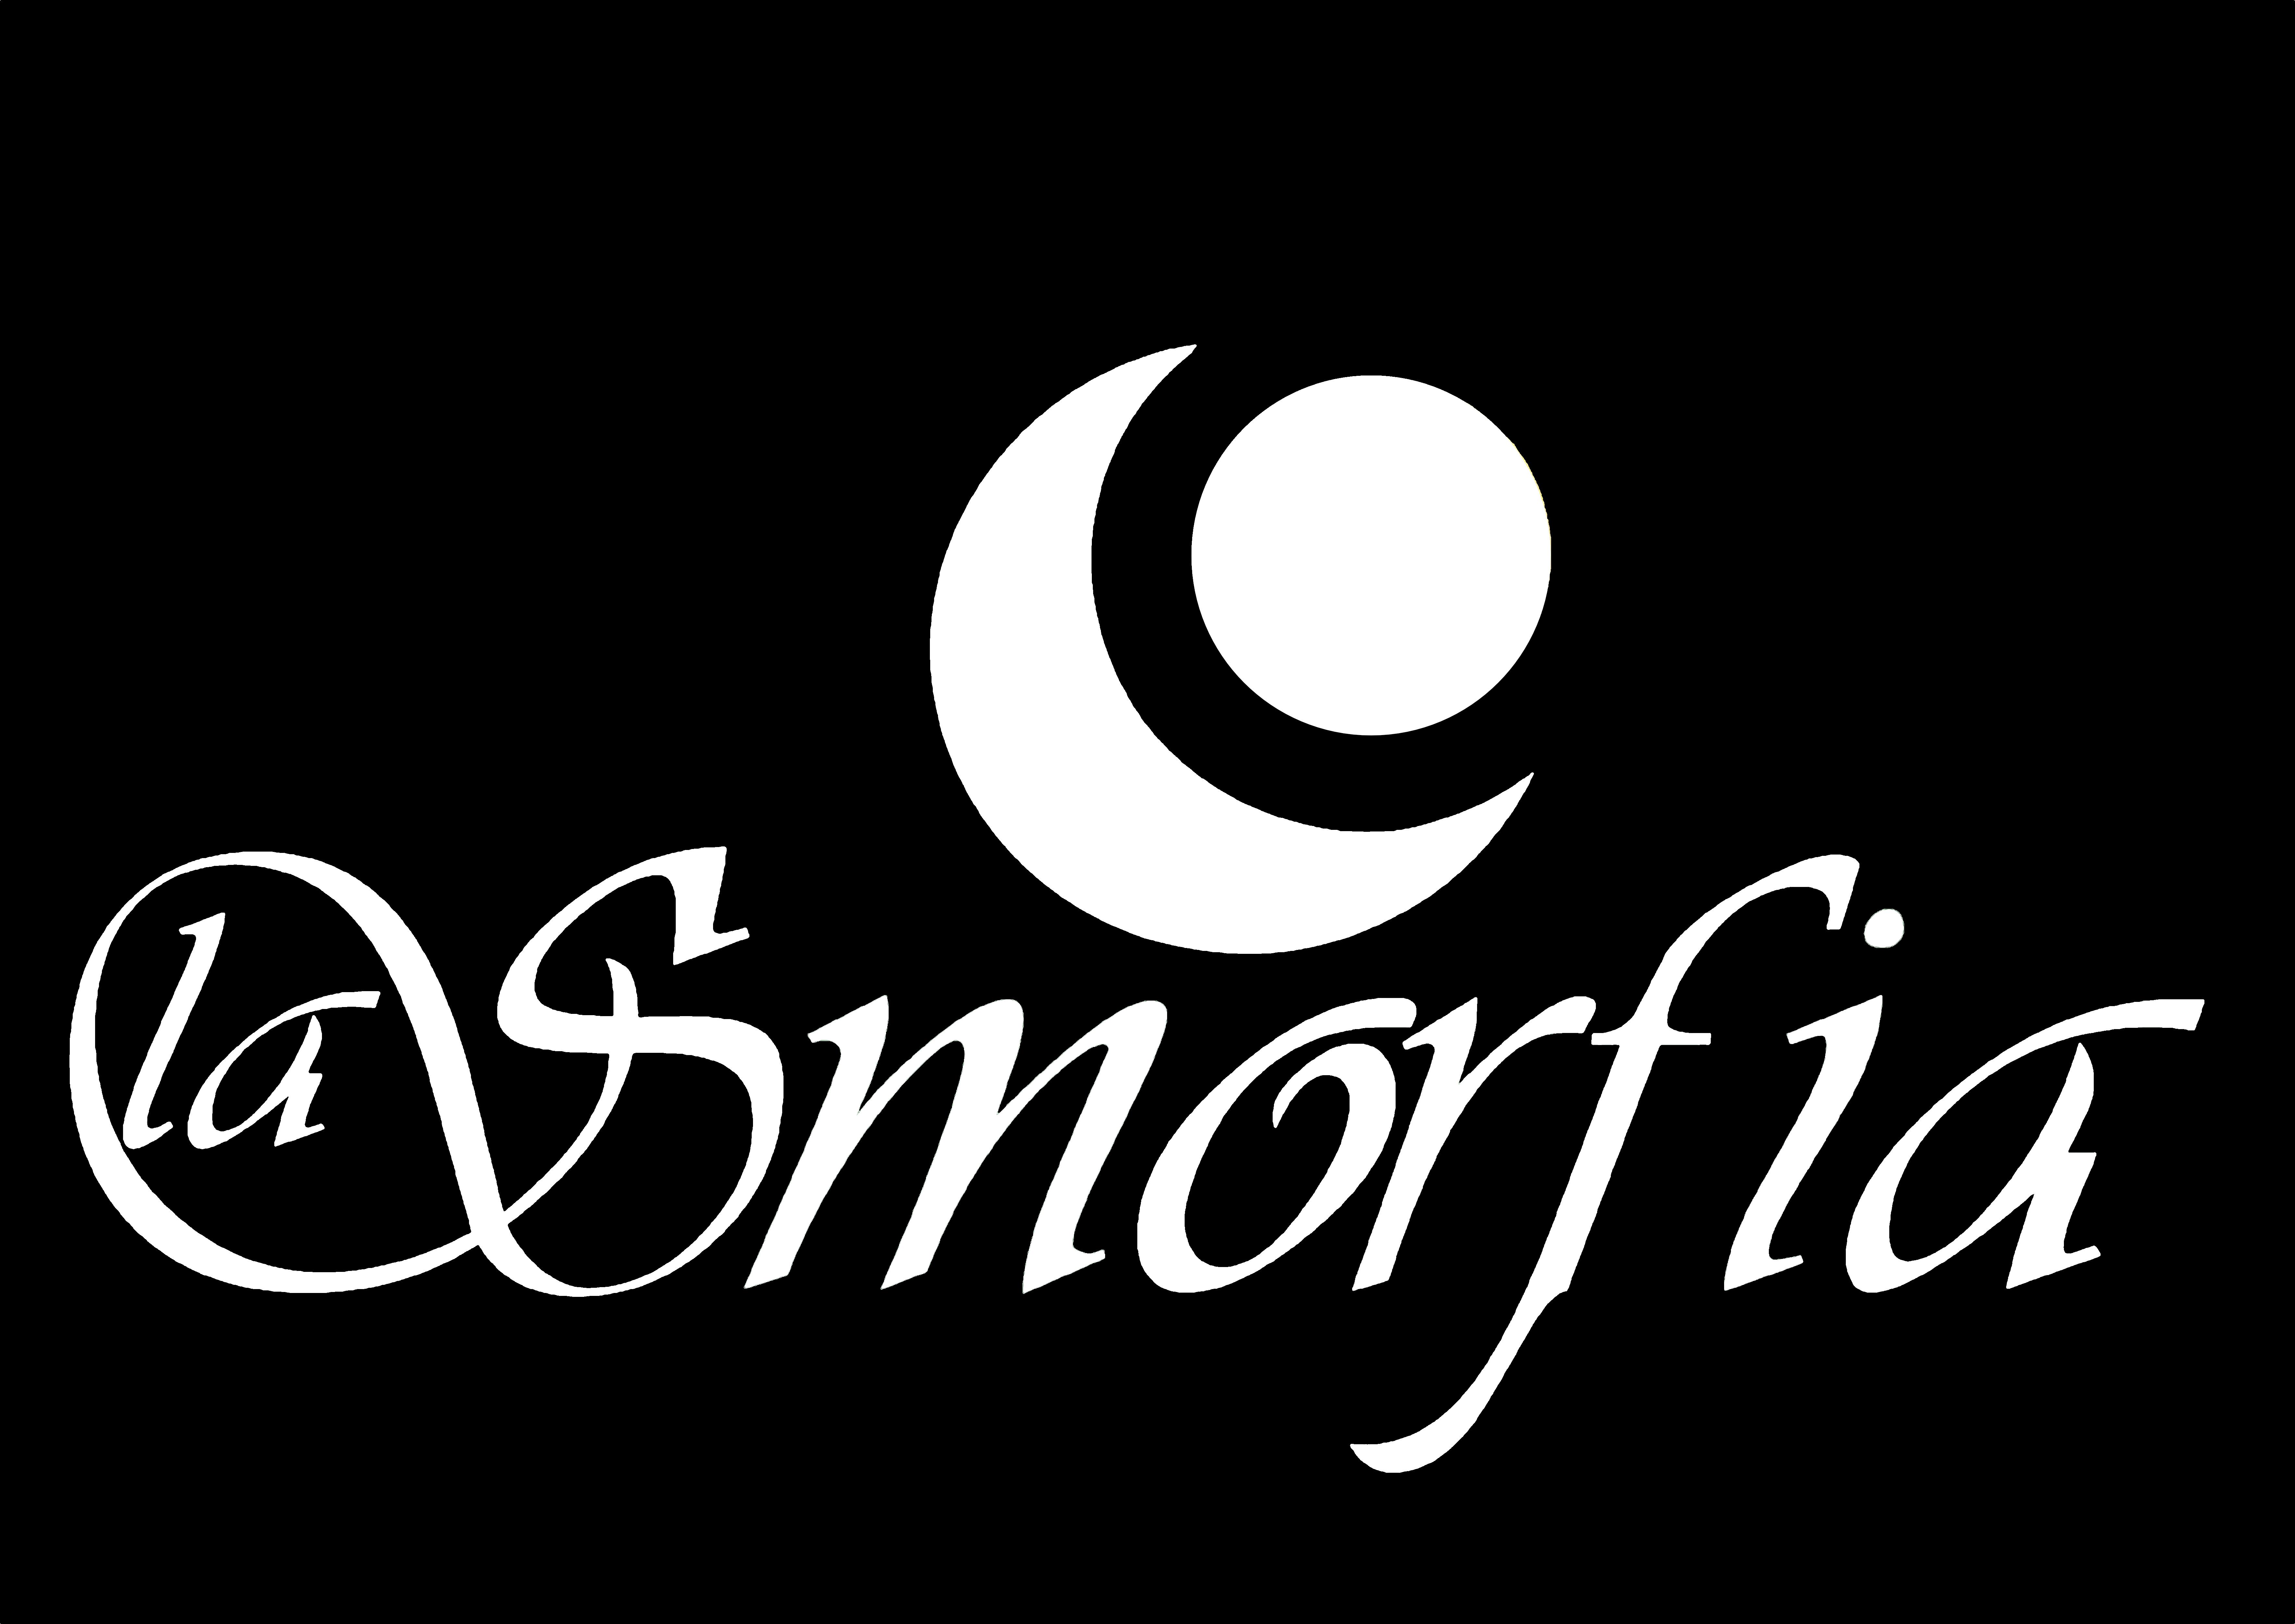 Ristorante La Smorfia – Ristorante in Corciano – Perugia